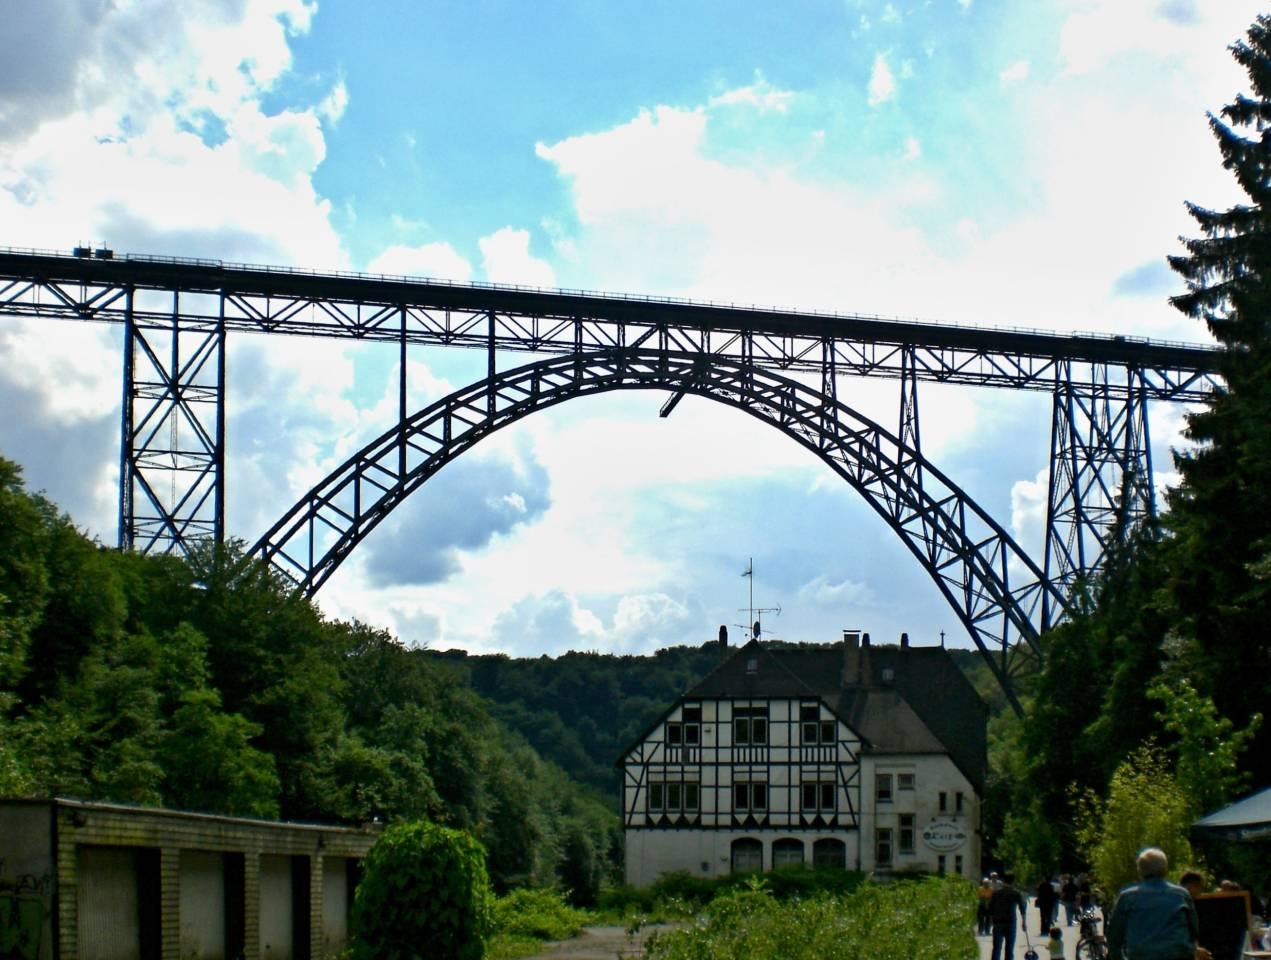 Müngstenerbrücke alt Exit rarität rar selten Picture